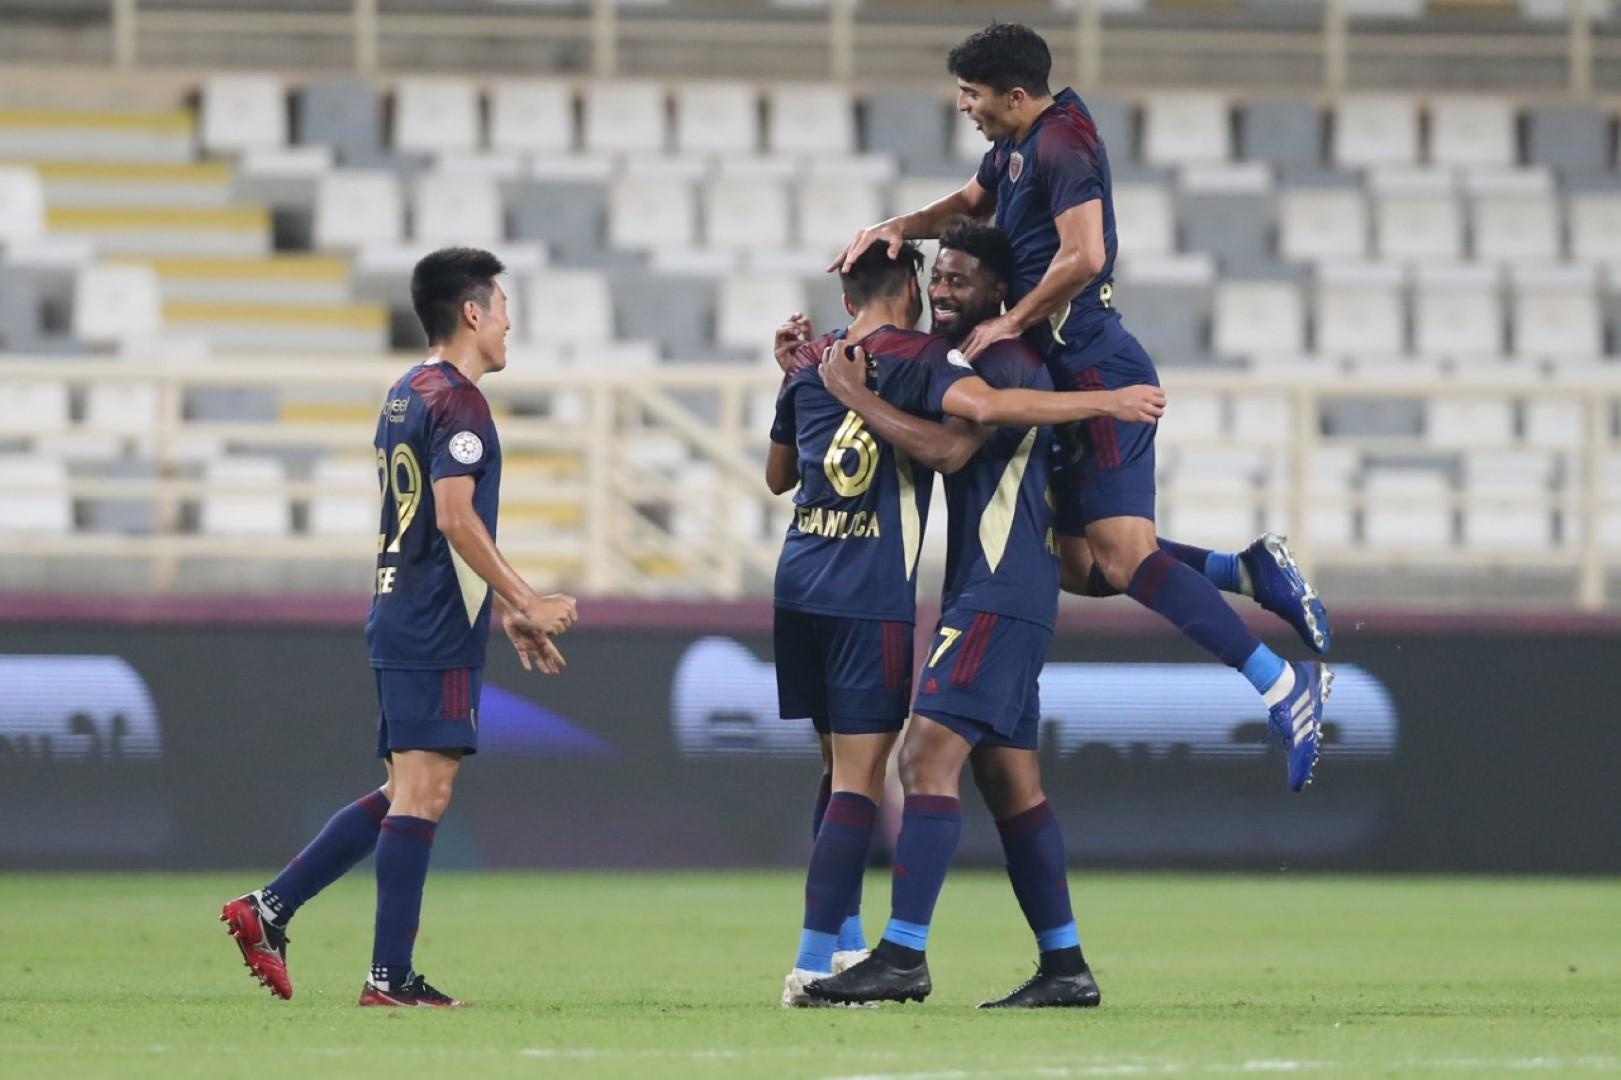 فوز الجزيرة والوحدة والظفرة في دوري الخليج العربي